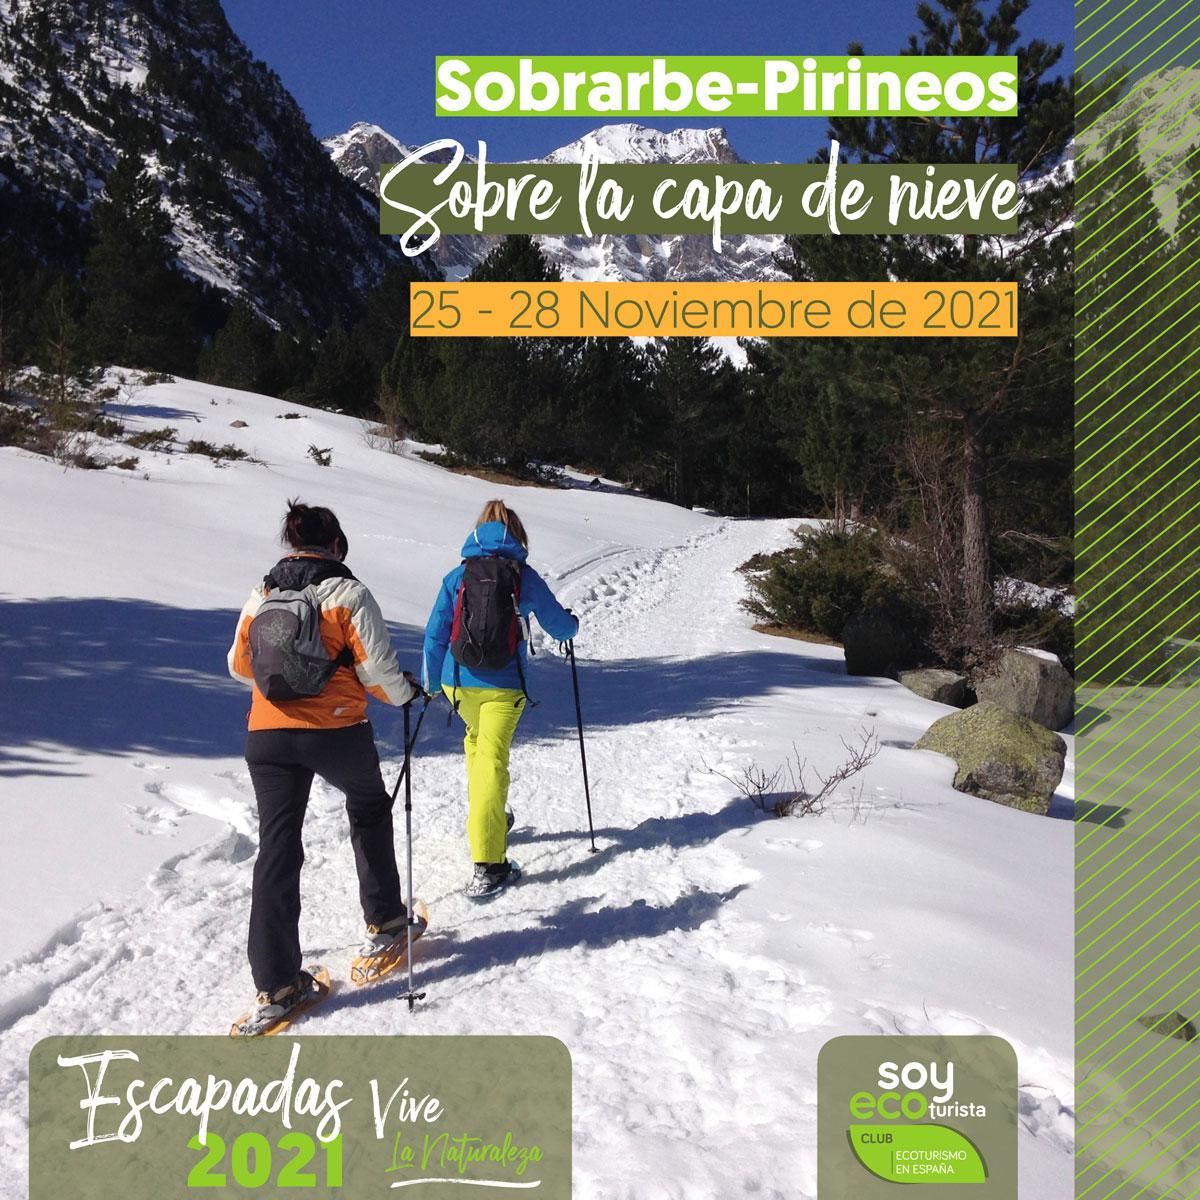 una escapada a Sobrarbe-Pirineos en noviembre para sentir el auténtico ecoturismo